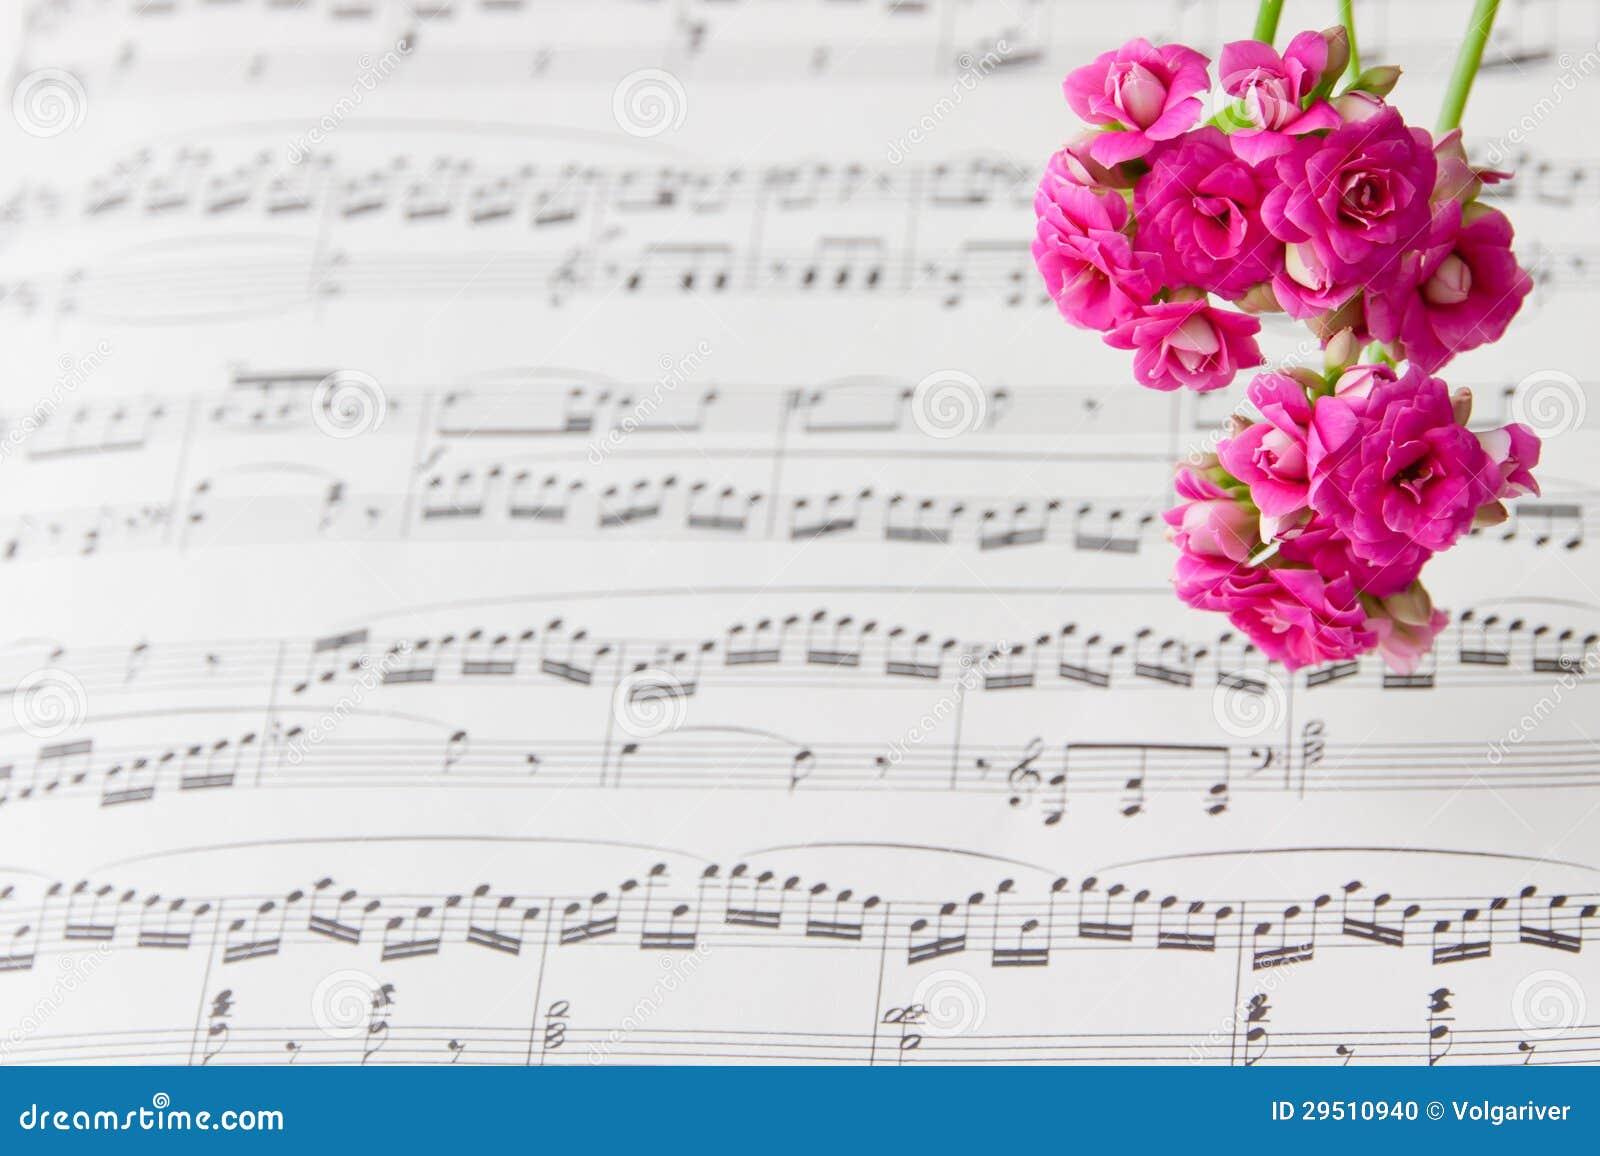 De bloemen op muziek neemt nota van blad, abstracte kunstachtergrond.